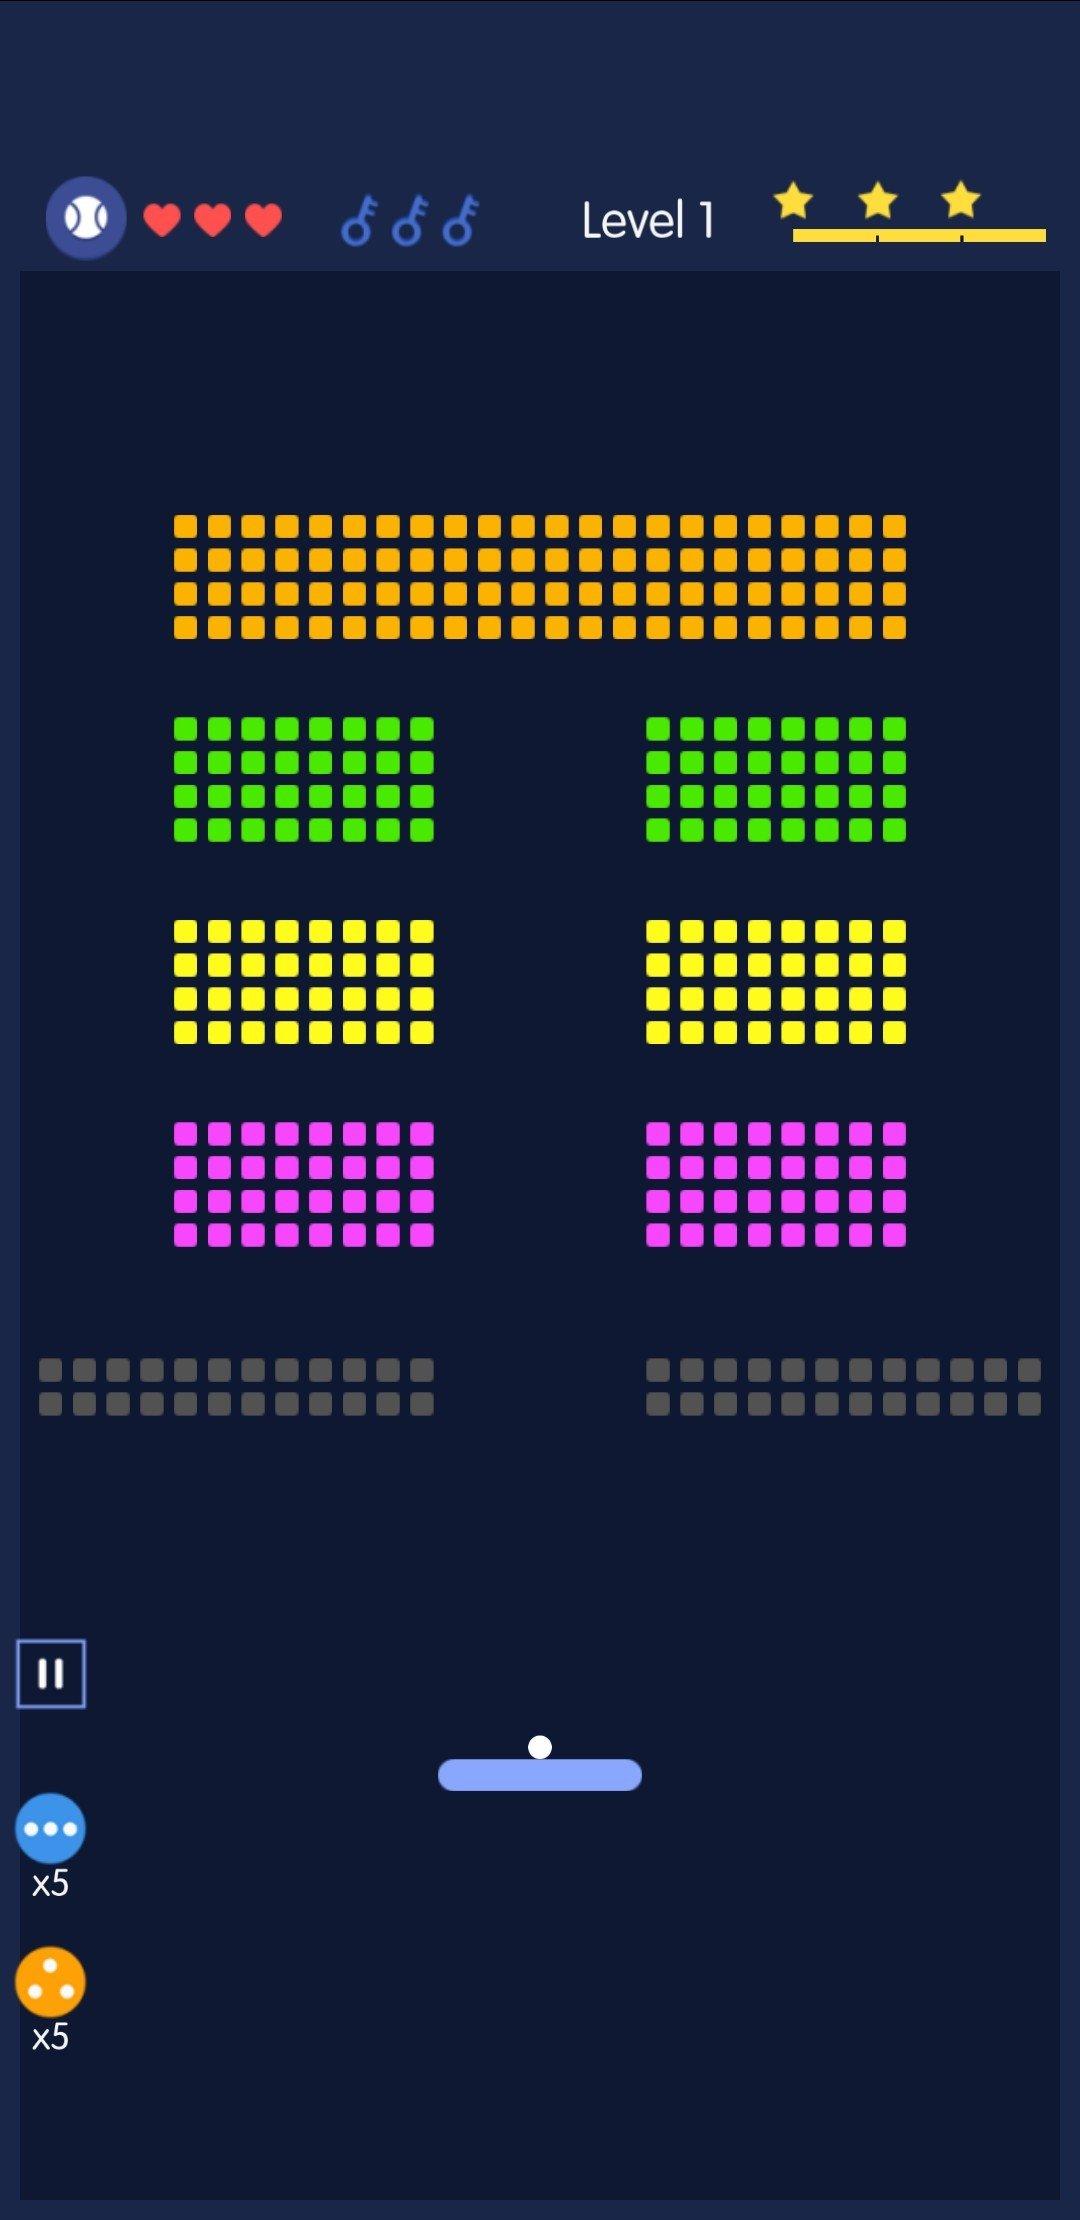 Casser des briques Android image 5